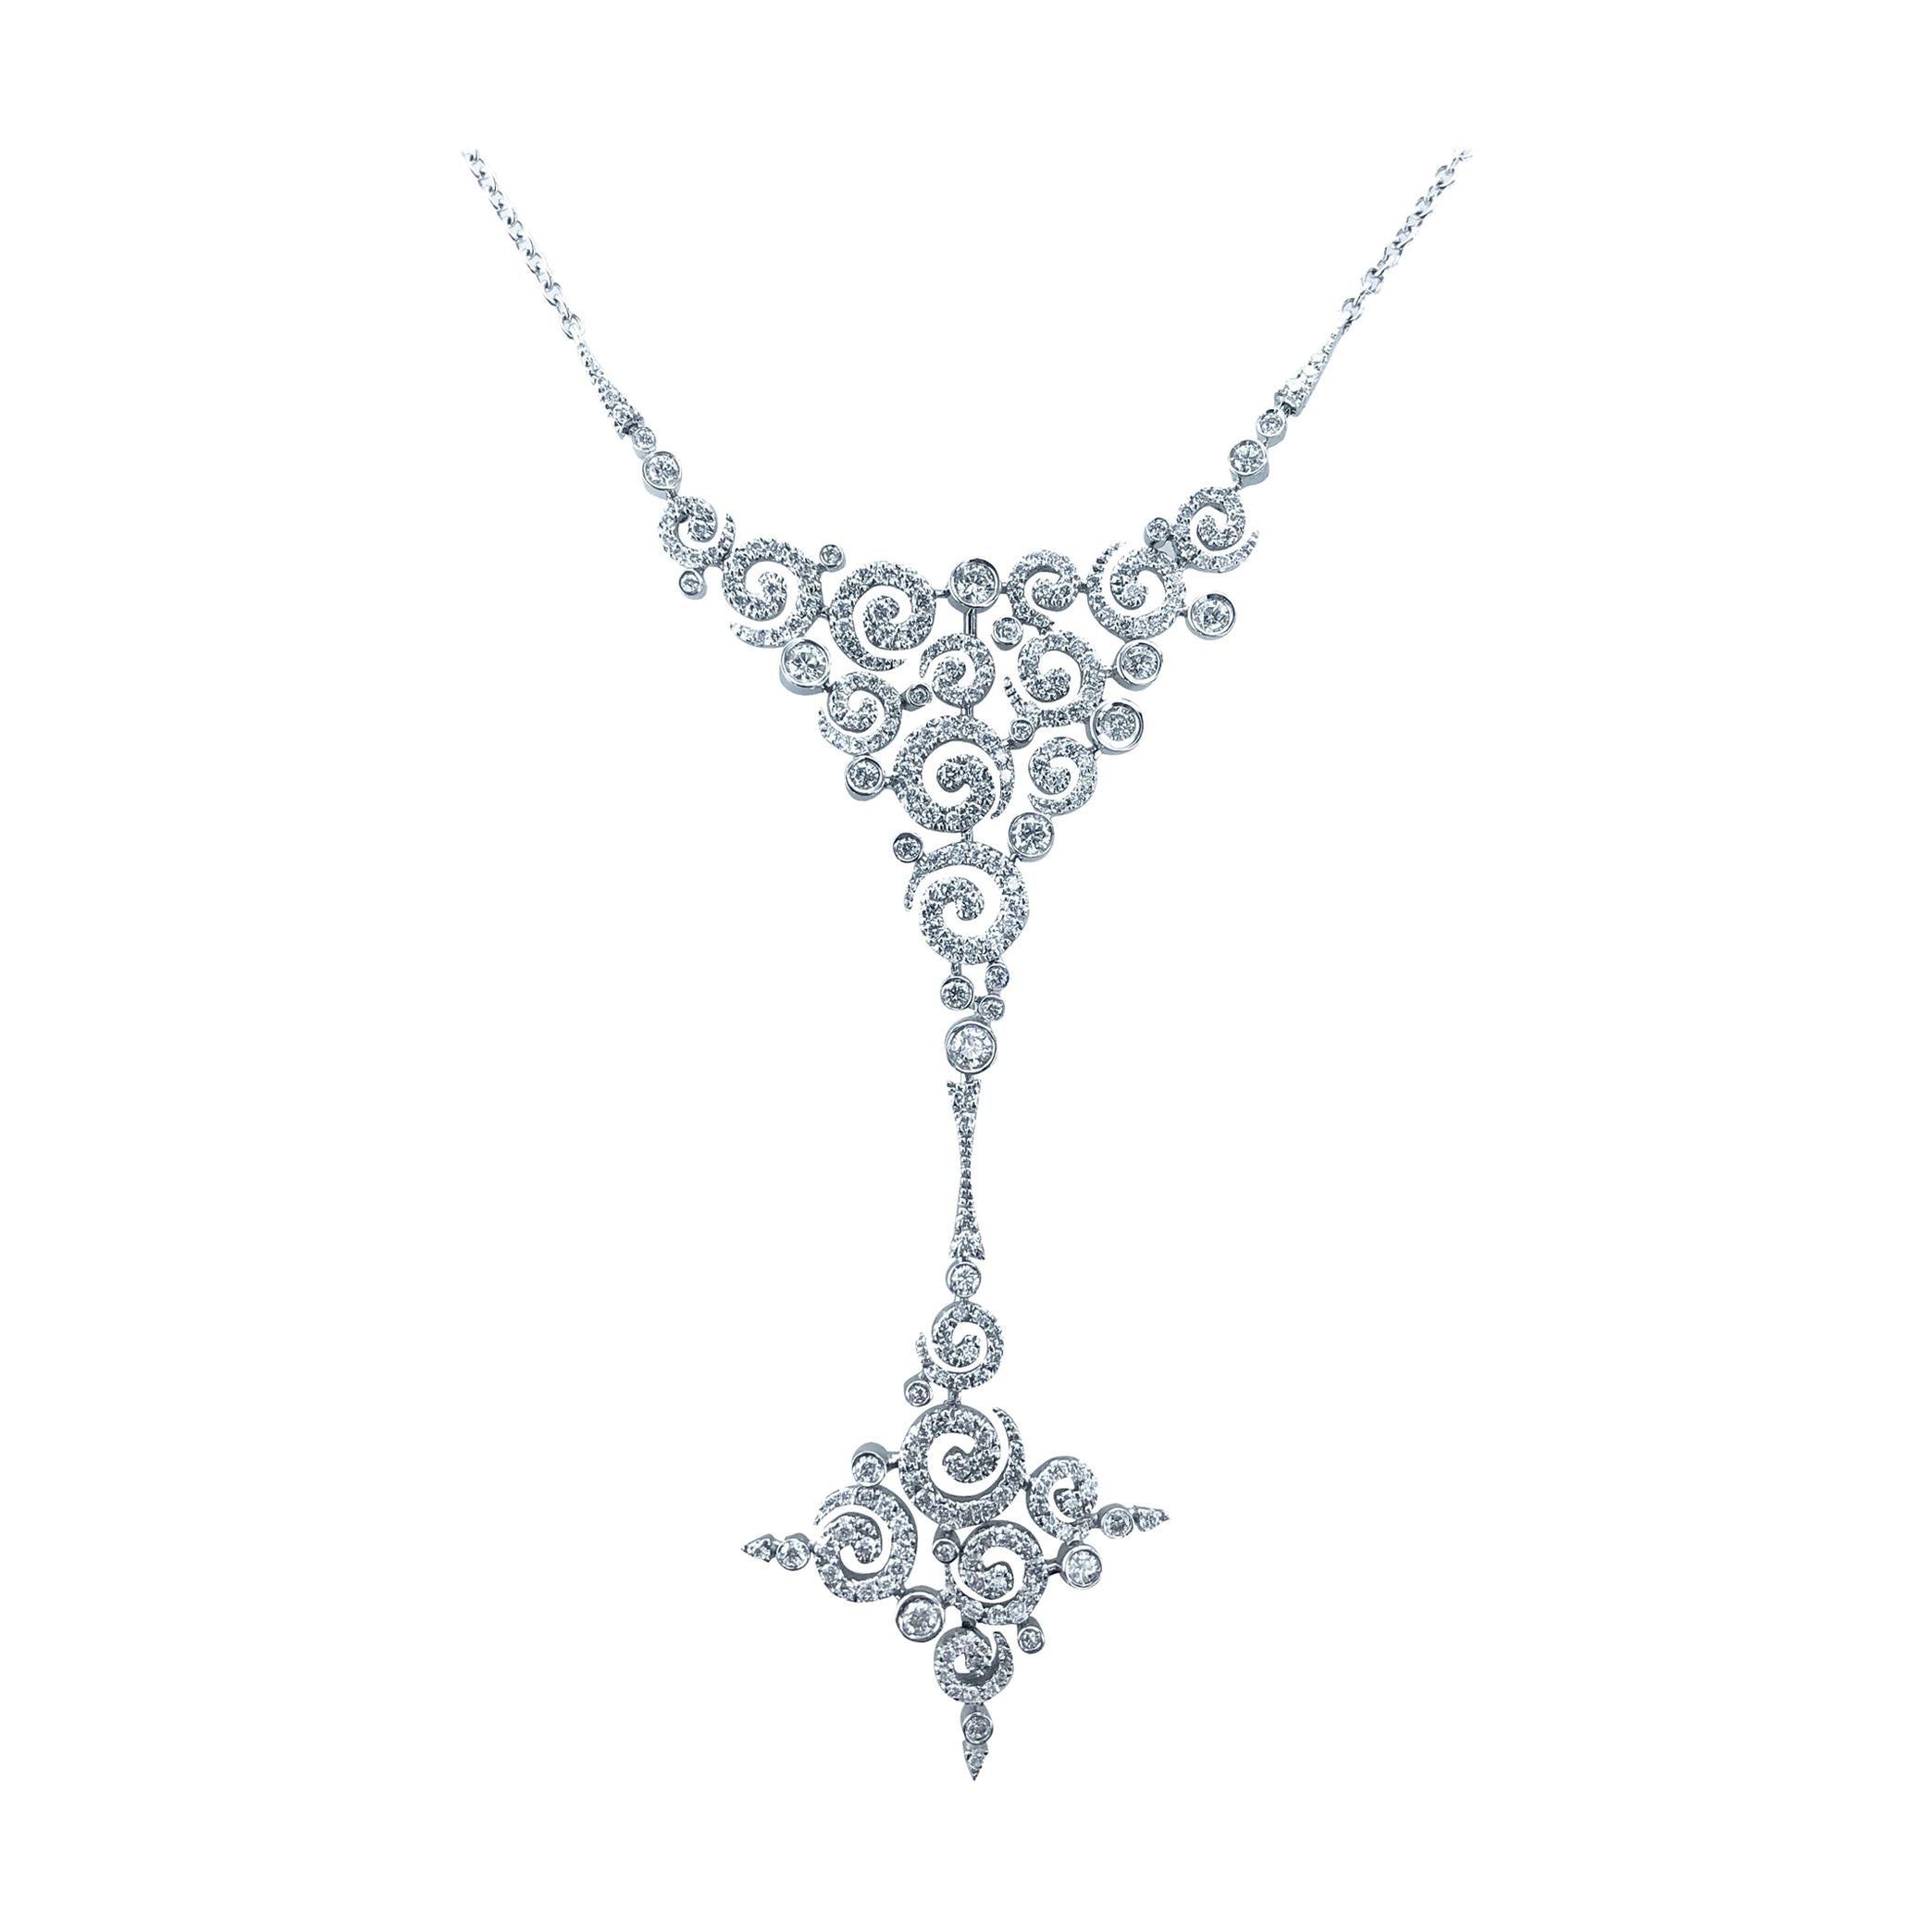 Stefan Hafner Diamond 2.89 Carat, Large Swirl Necklace